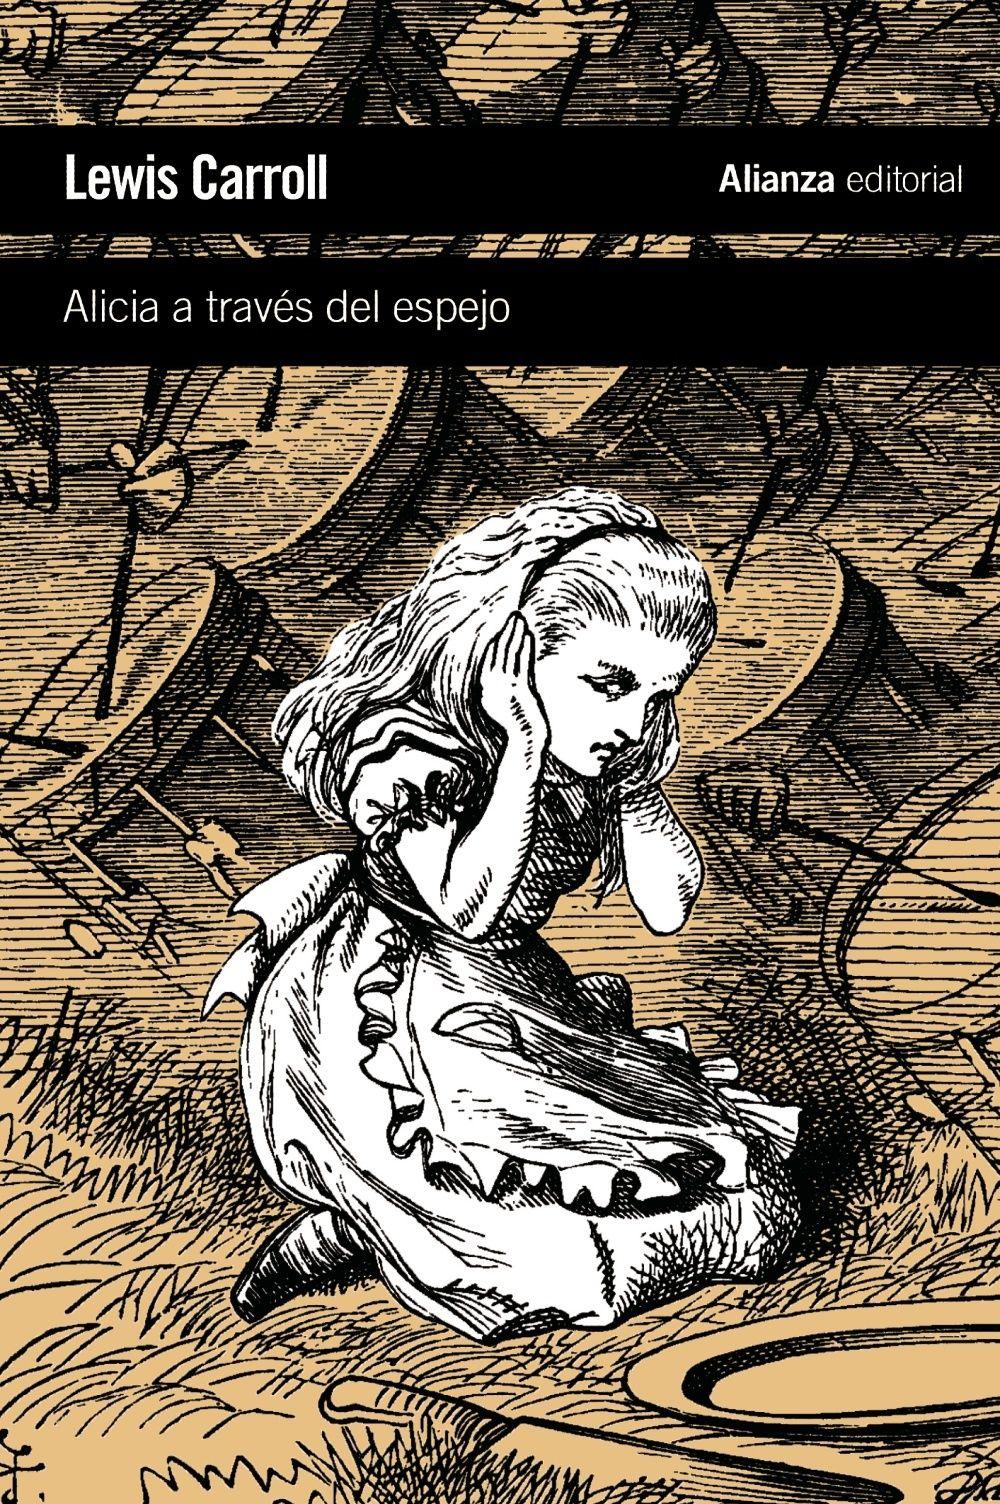 Cuento infantil escrito por Lewis Carroll en 1871. Es la continuación de Las aventuras de Alicia en el país de las maravillas (aunque no hace referencias a lo que ocurre en ese libro). Muchas cosas de las que acontecen en el libro parecen, metafóricamente, reflejadas en un espejo.